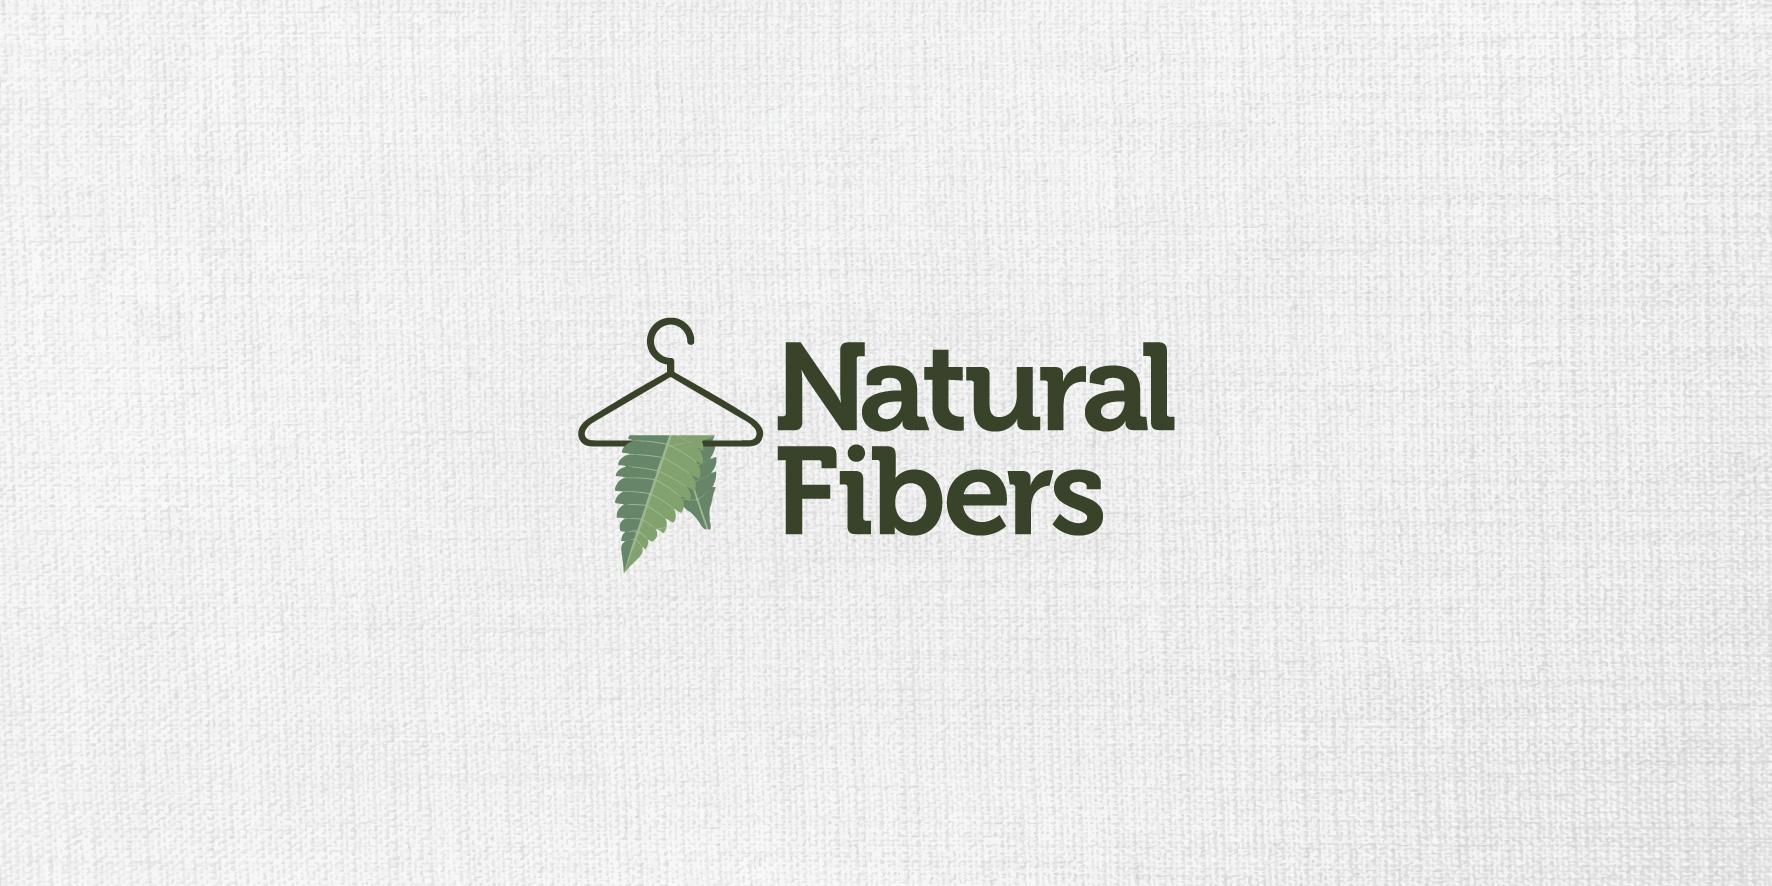 Natural Fibers. Nowy sklep, nowe działania. Z miłości do naturalnych włókien roślinnych.